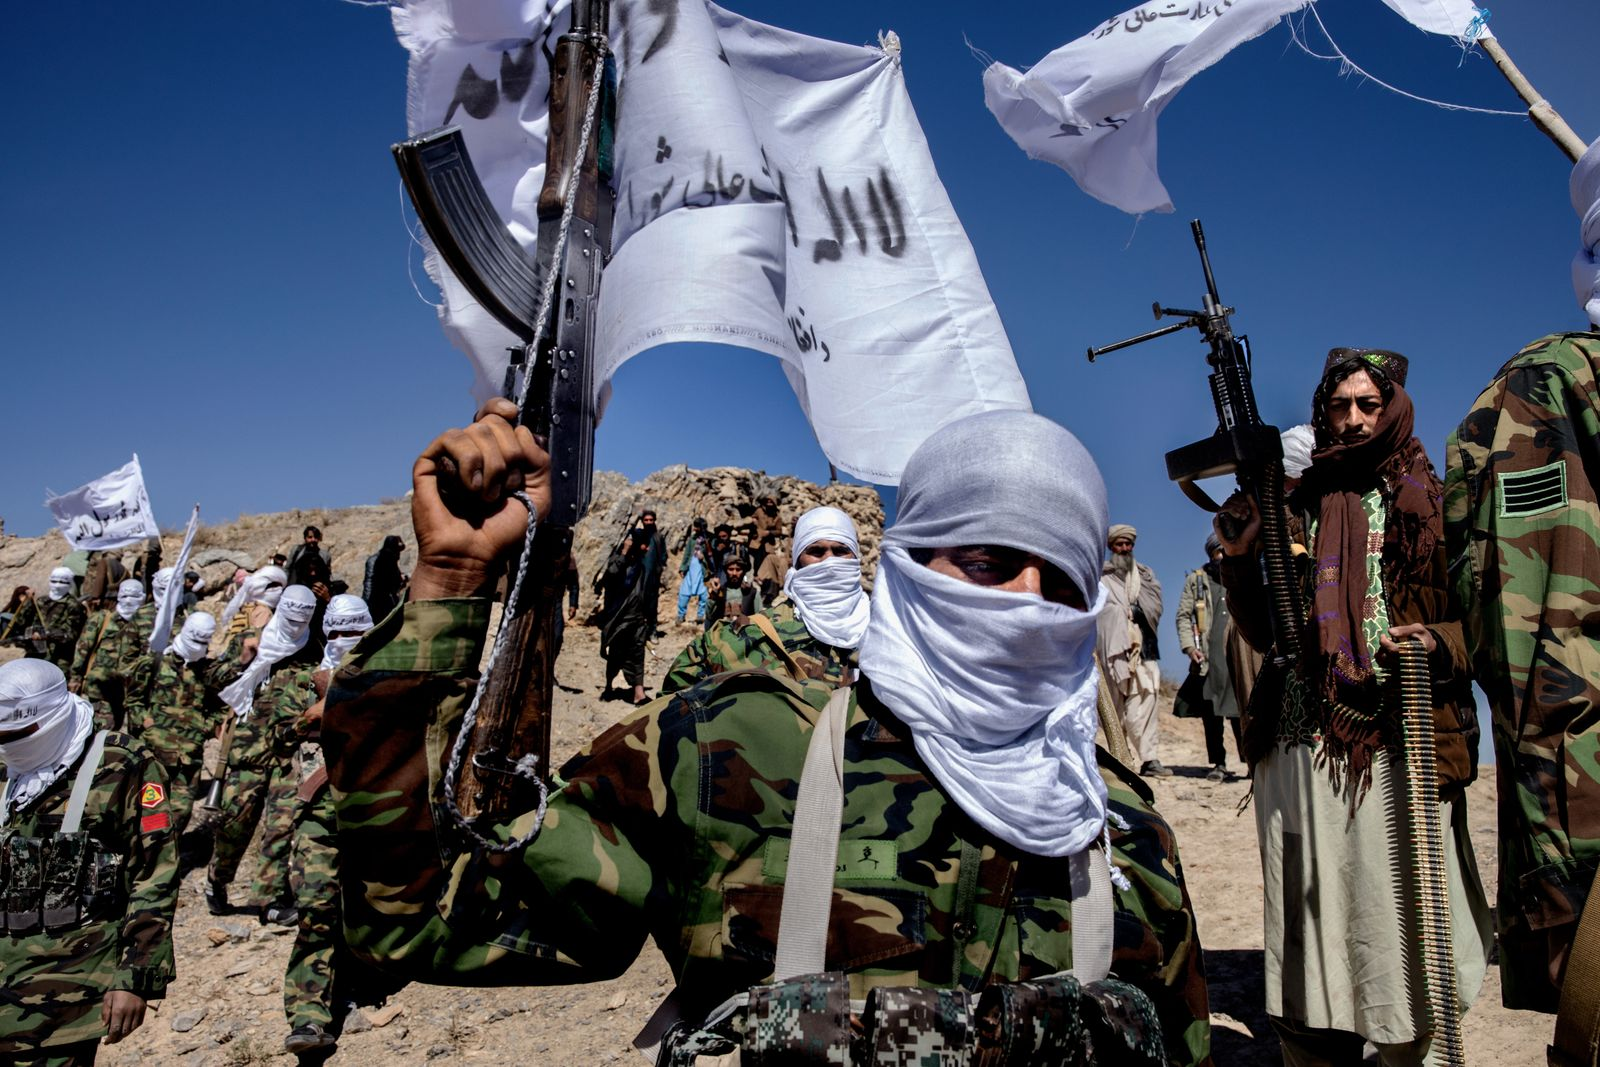 Afghanisatn après l'accord de paix entre les talibans et les américains et le gouvernemnt Afghan